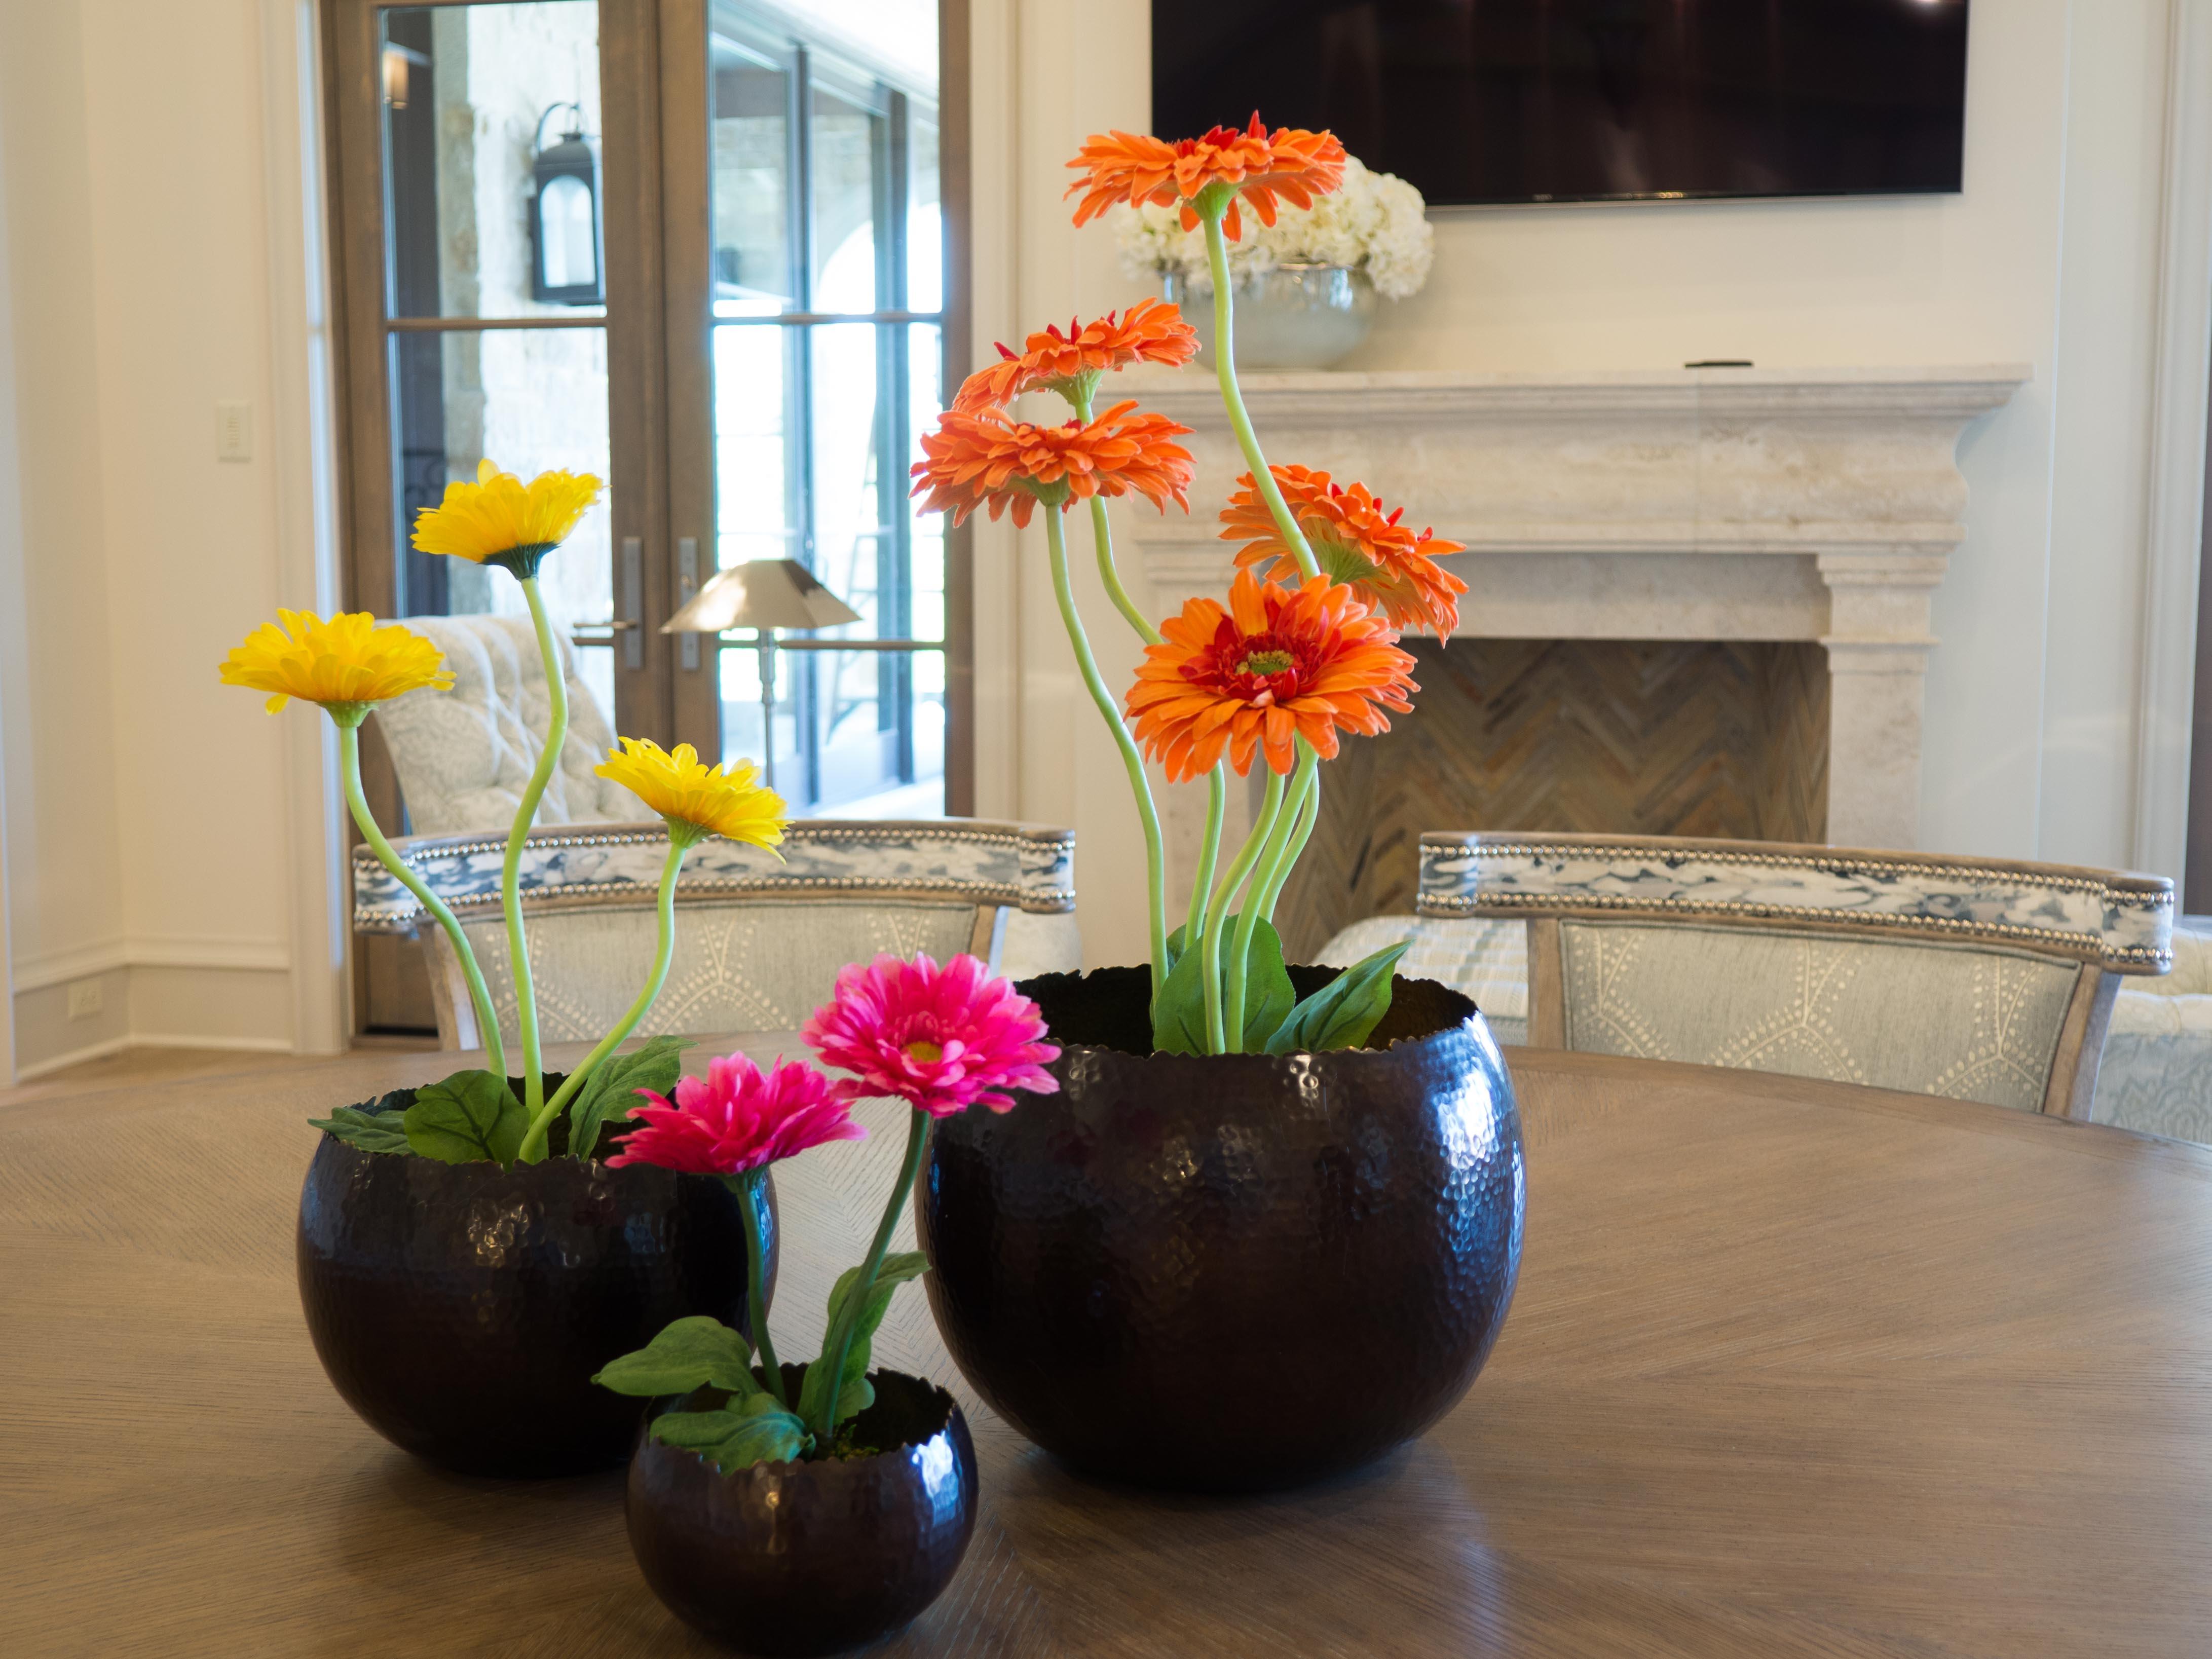 Spring Flowers in Kitchen